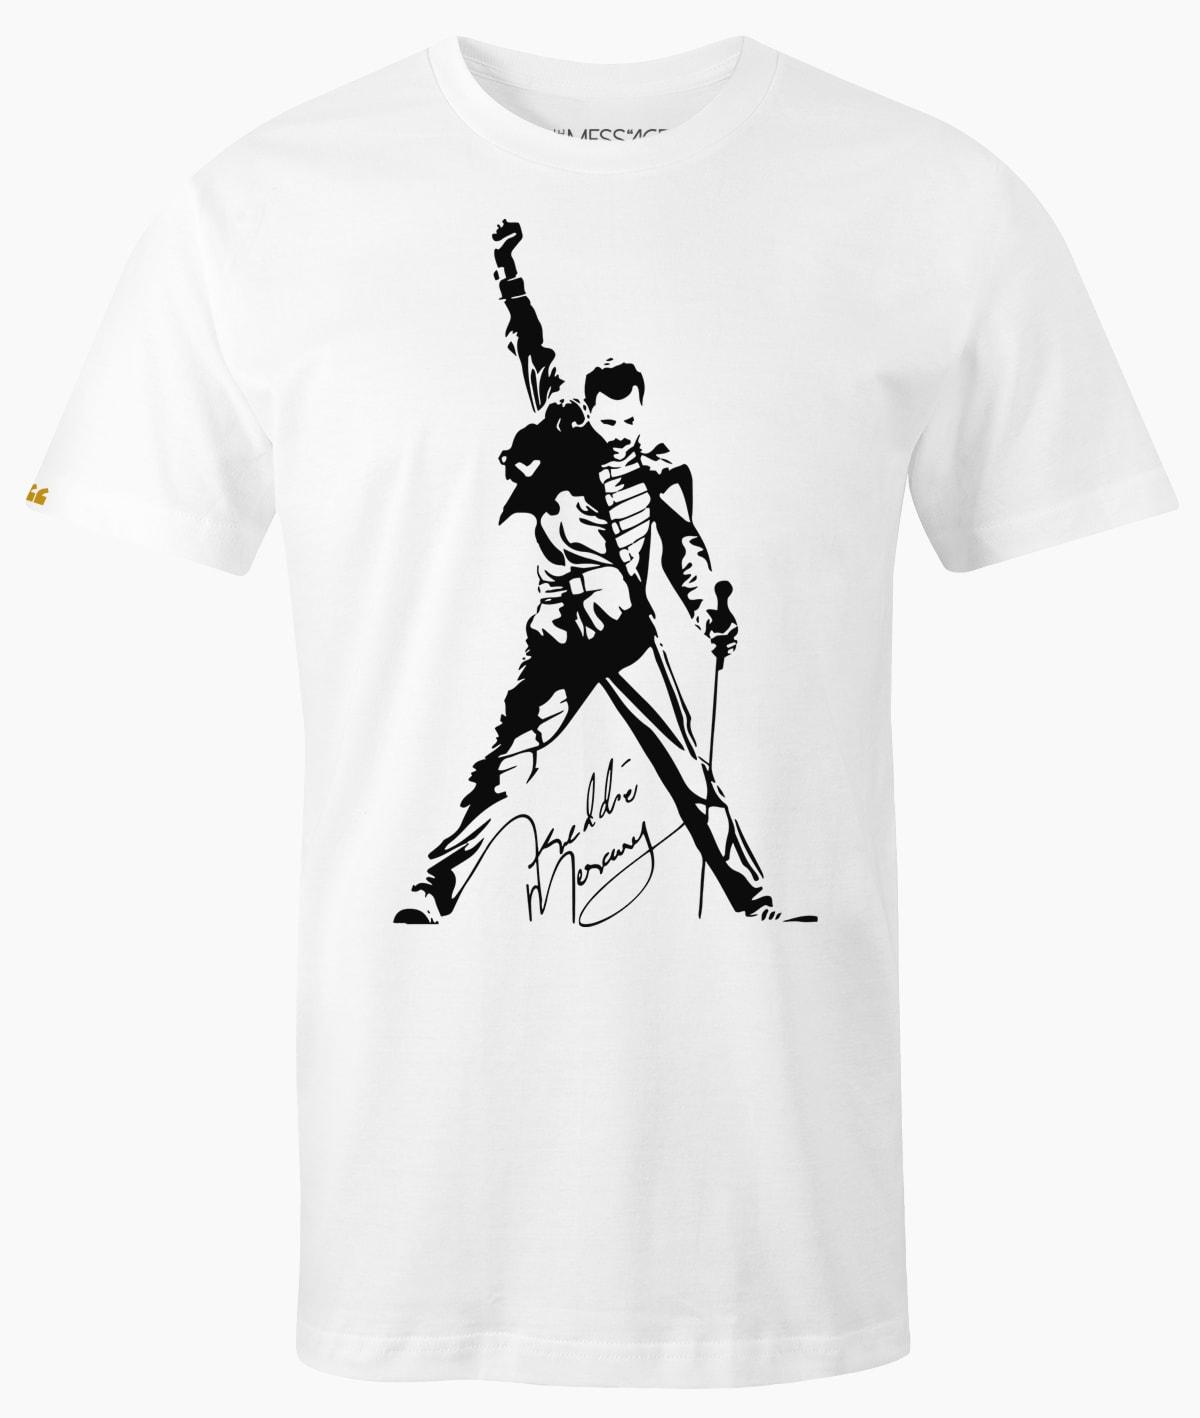 8b1e29d66 We Will Rock You · We Will Rock You - Freddie Mercury T-Shirt